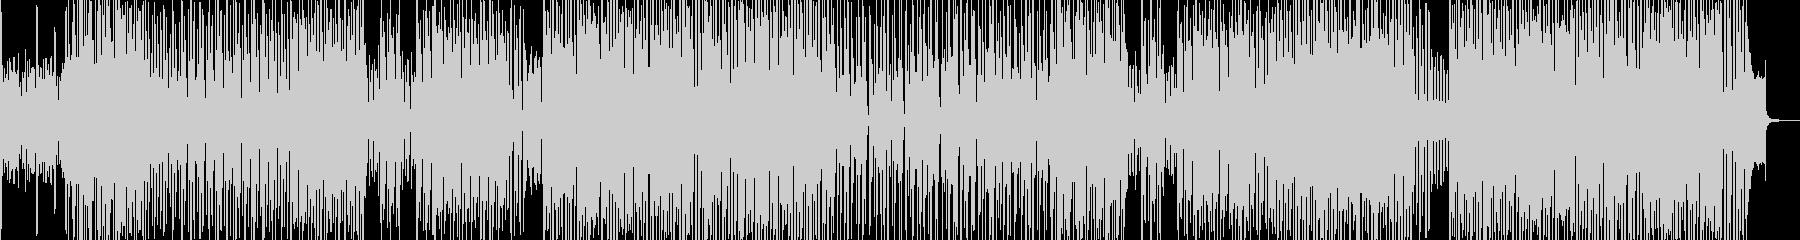 トロピカルな雰囲気に合うテクノ 長尺★の未再生の波形